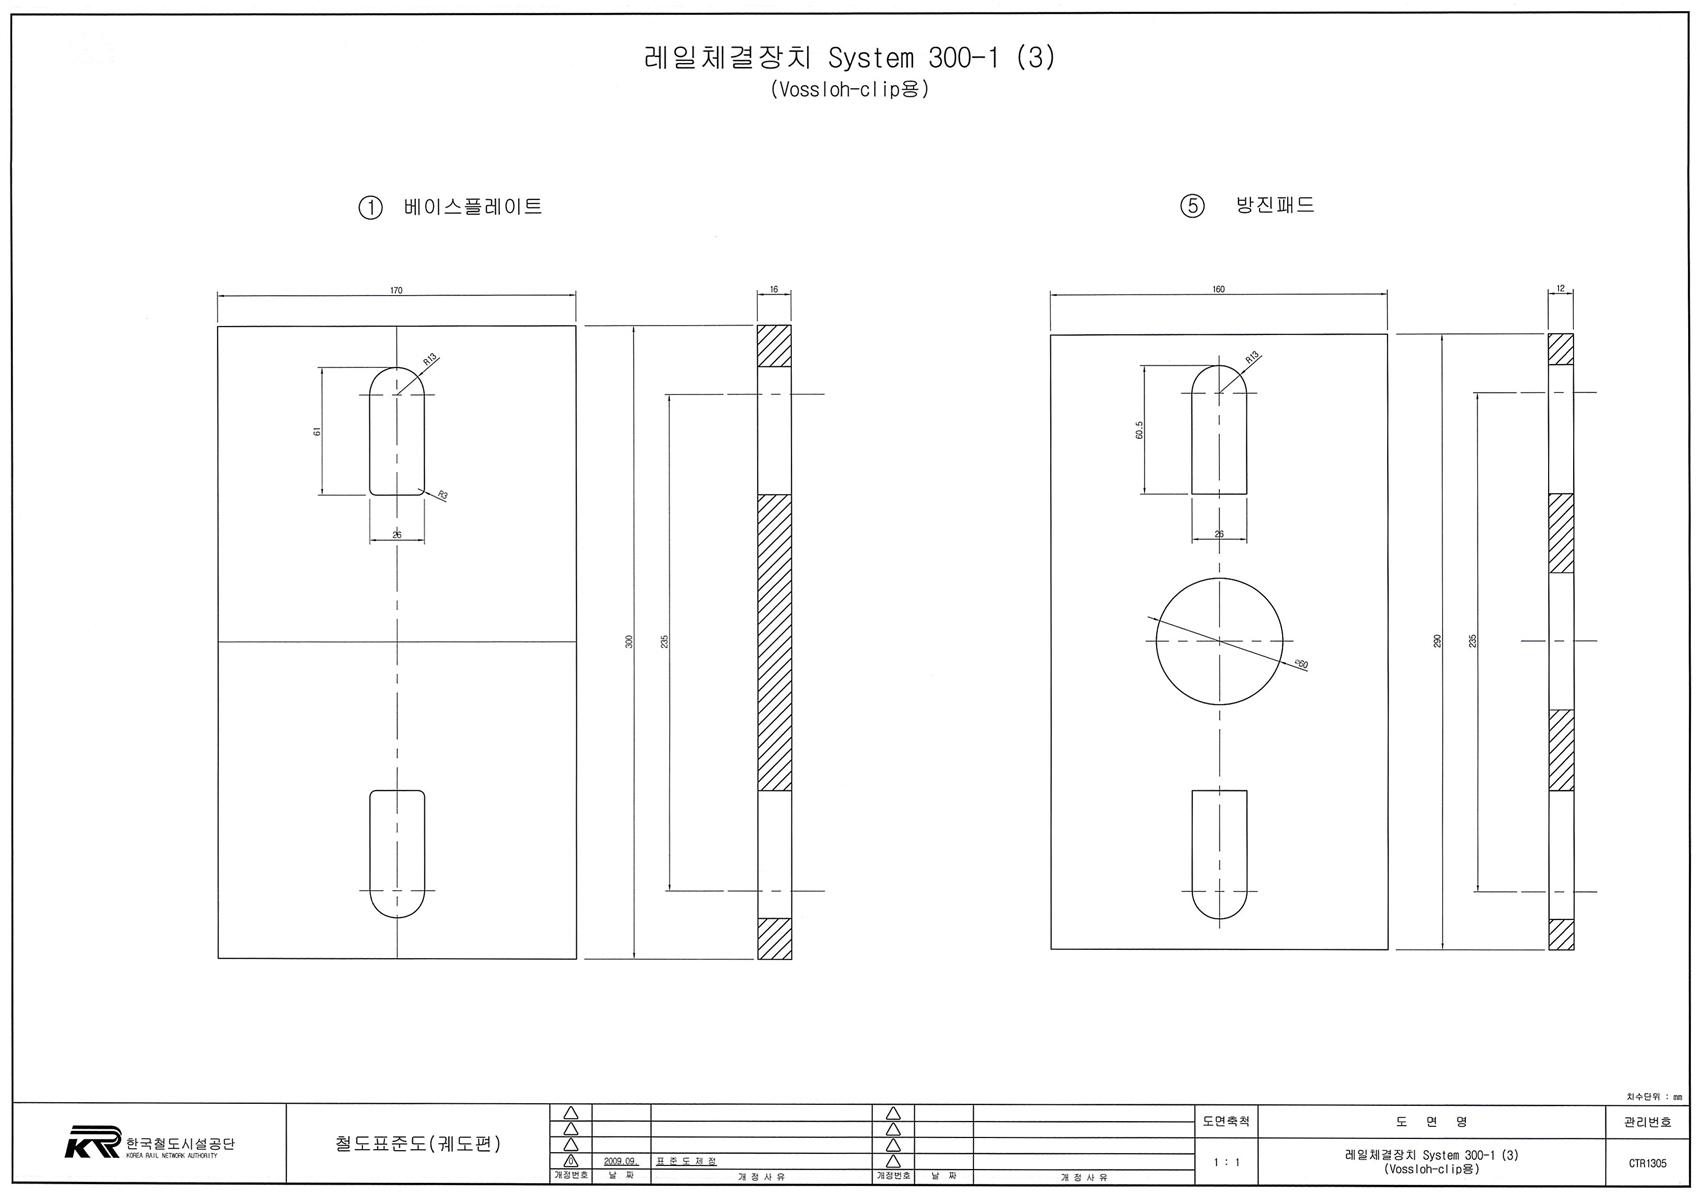 레일체결장치 System 300-1 (3) (Vossloh-clip용).jpg